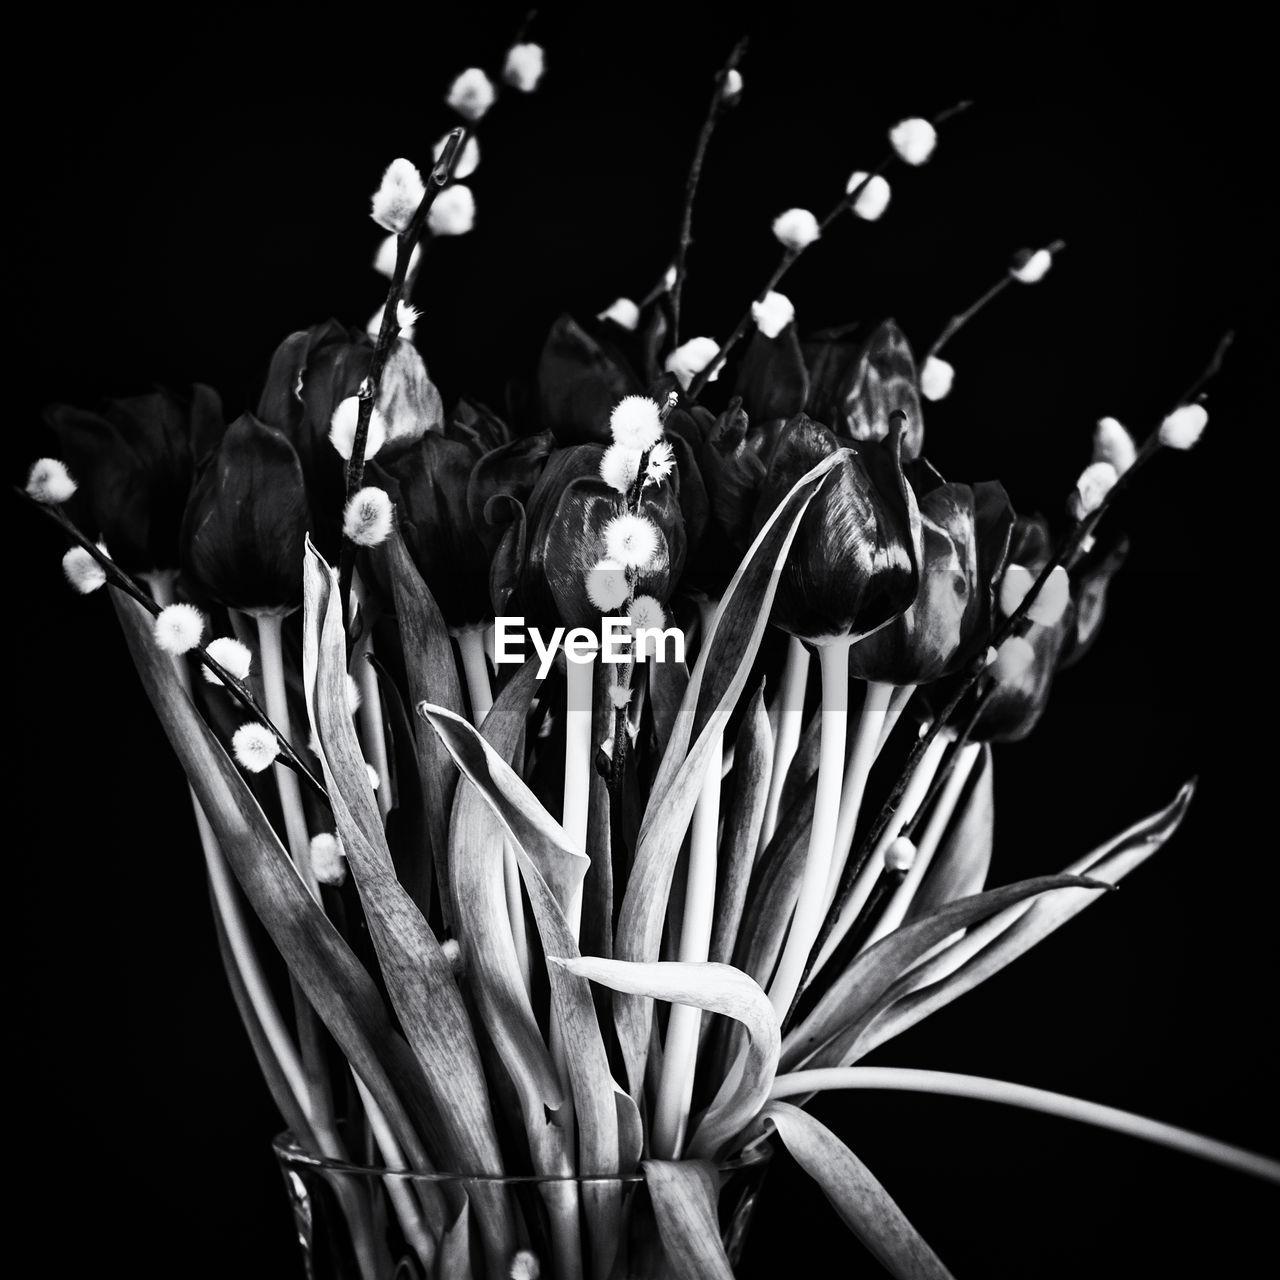 Close-up of flower vase over black background